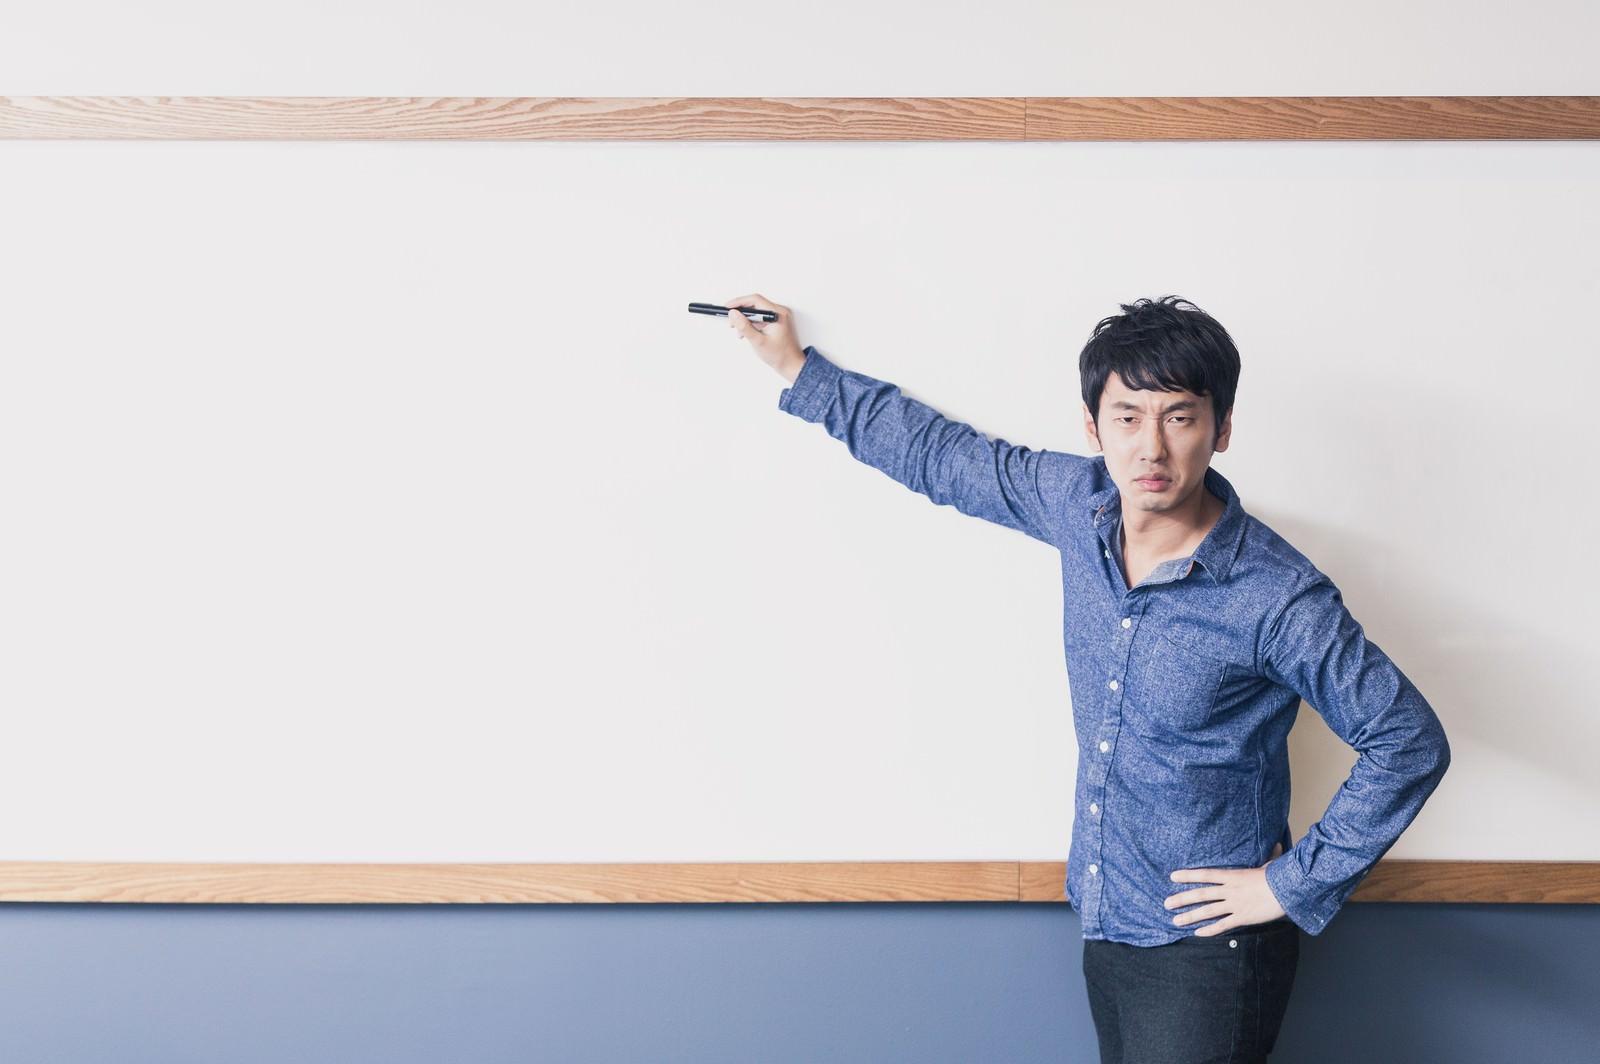 「「ここ試験にでるよ!」と熱弁する塾講師「ここ試験にでるよ!」と熱弁する塾講師」[モデル:大川竜弥]のフリー写真素材を拡大